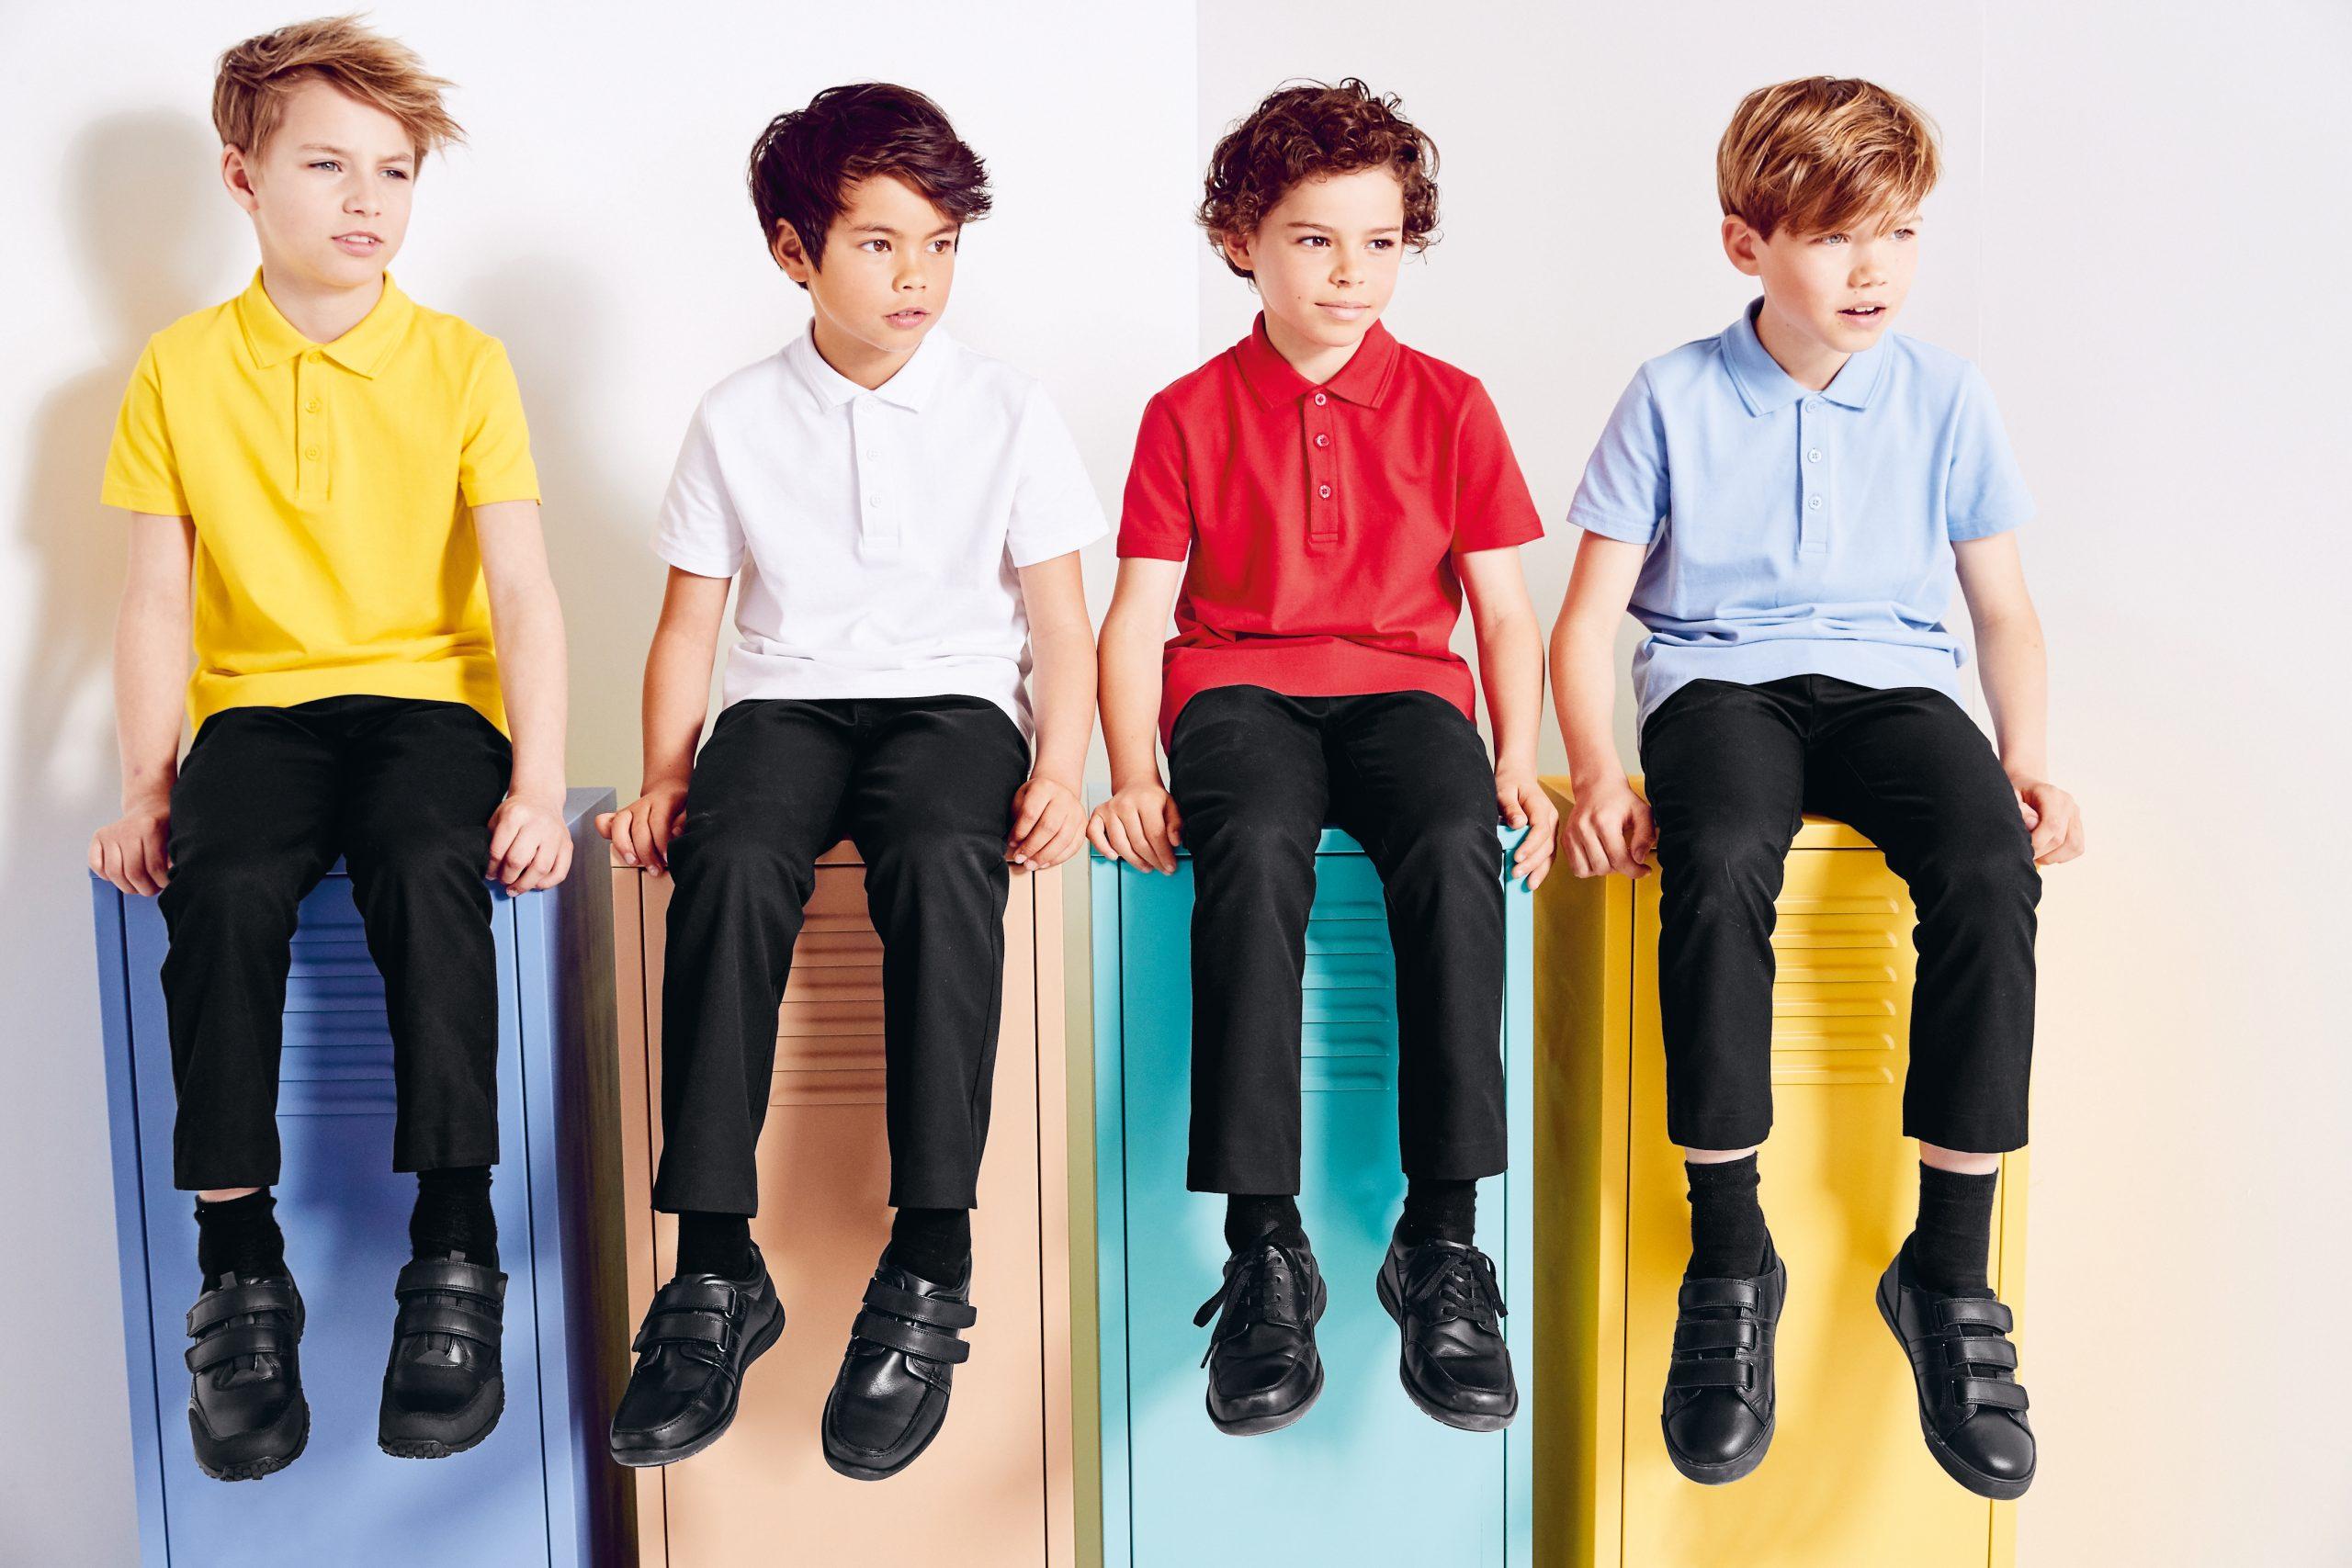 Les uniformes scolaires des enfants Next